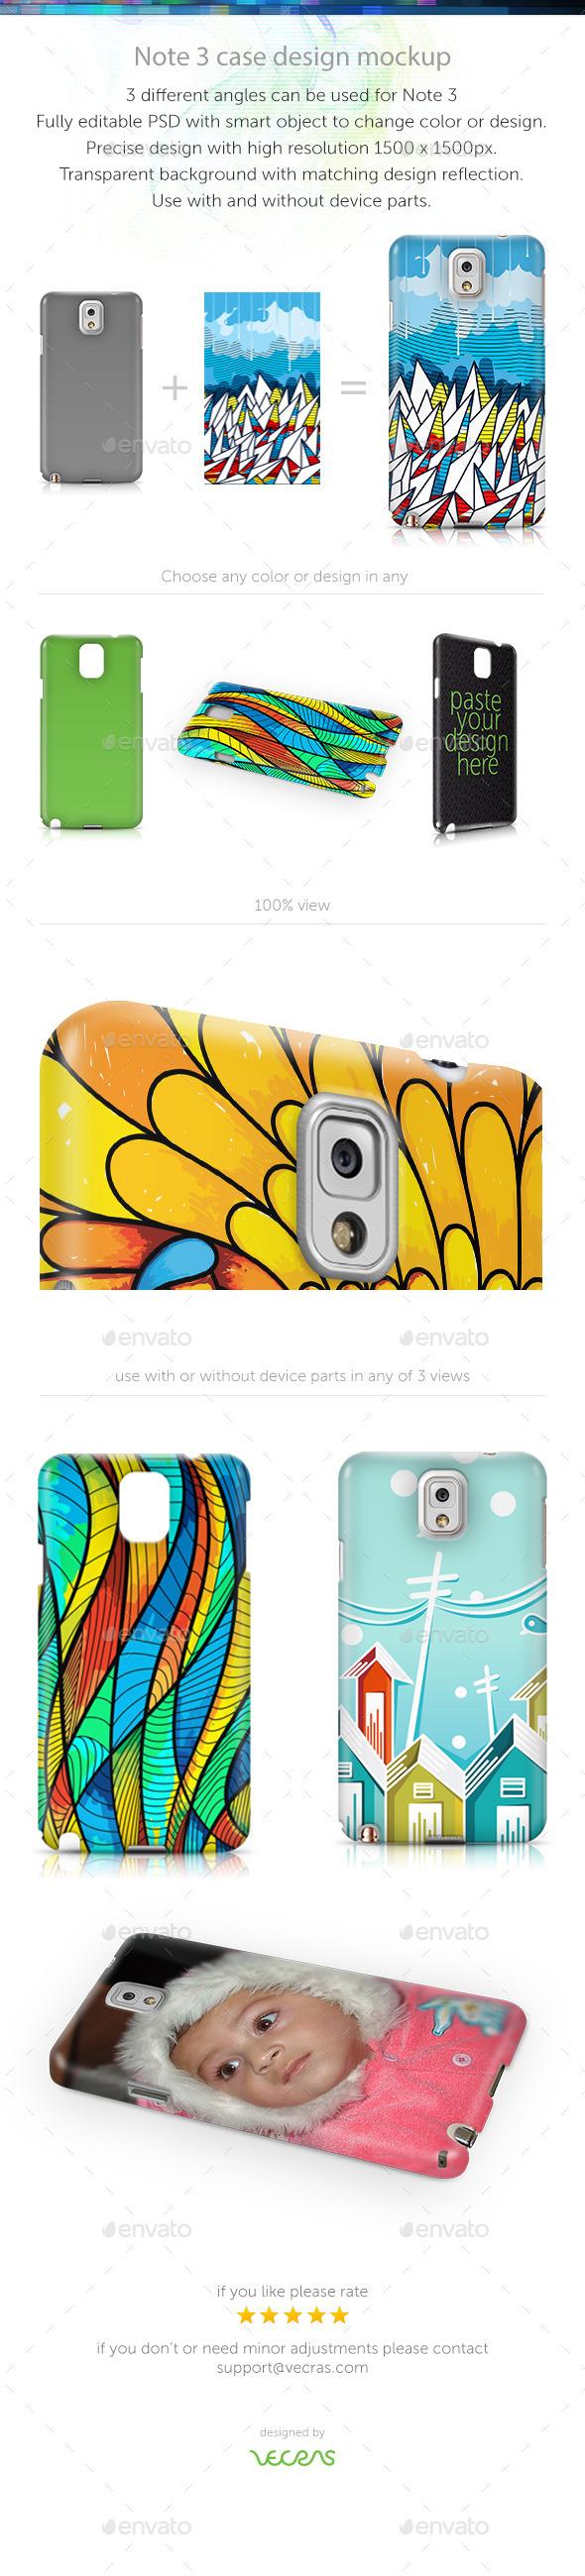 Note 3 Case Design Mockup - Mobile Displays